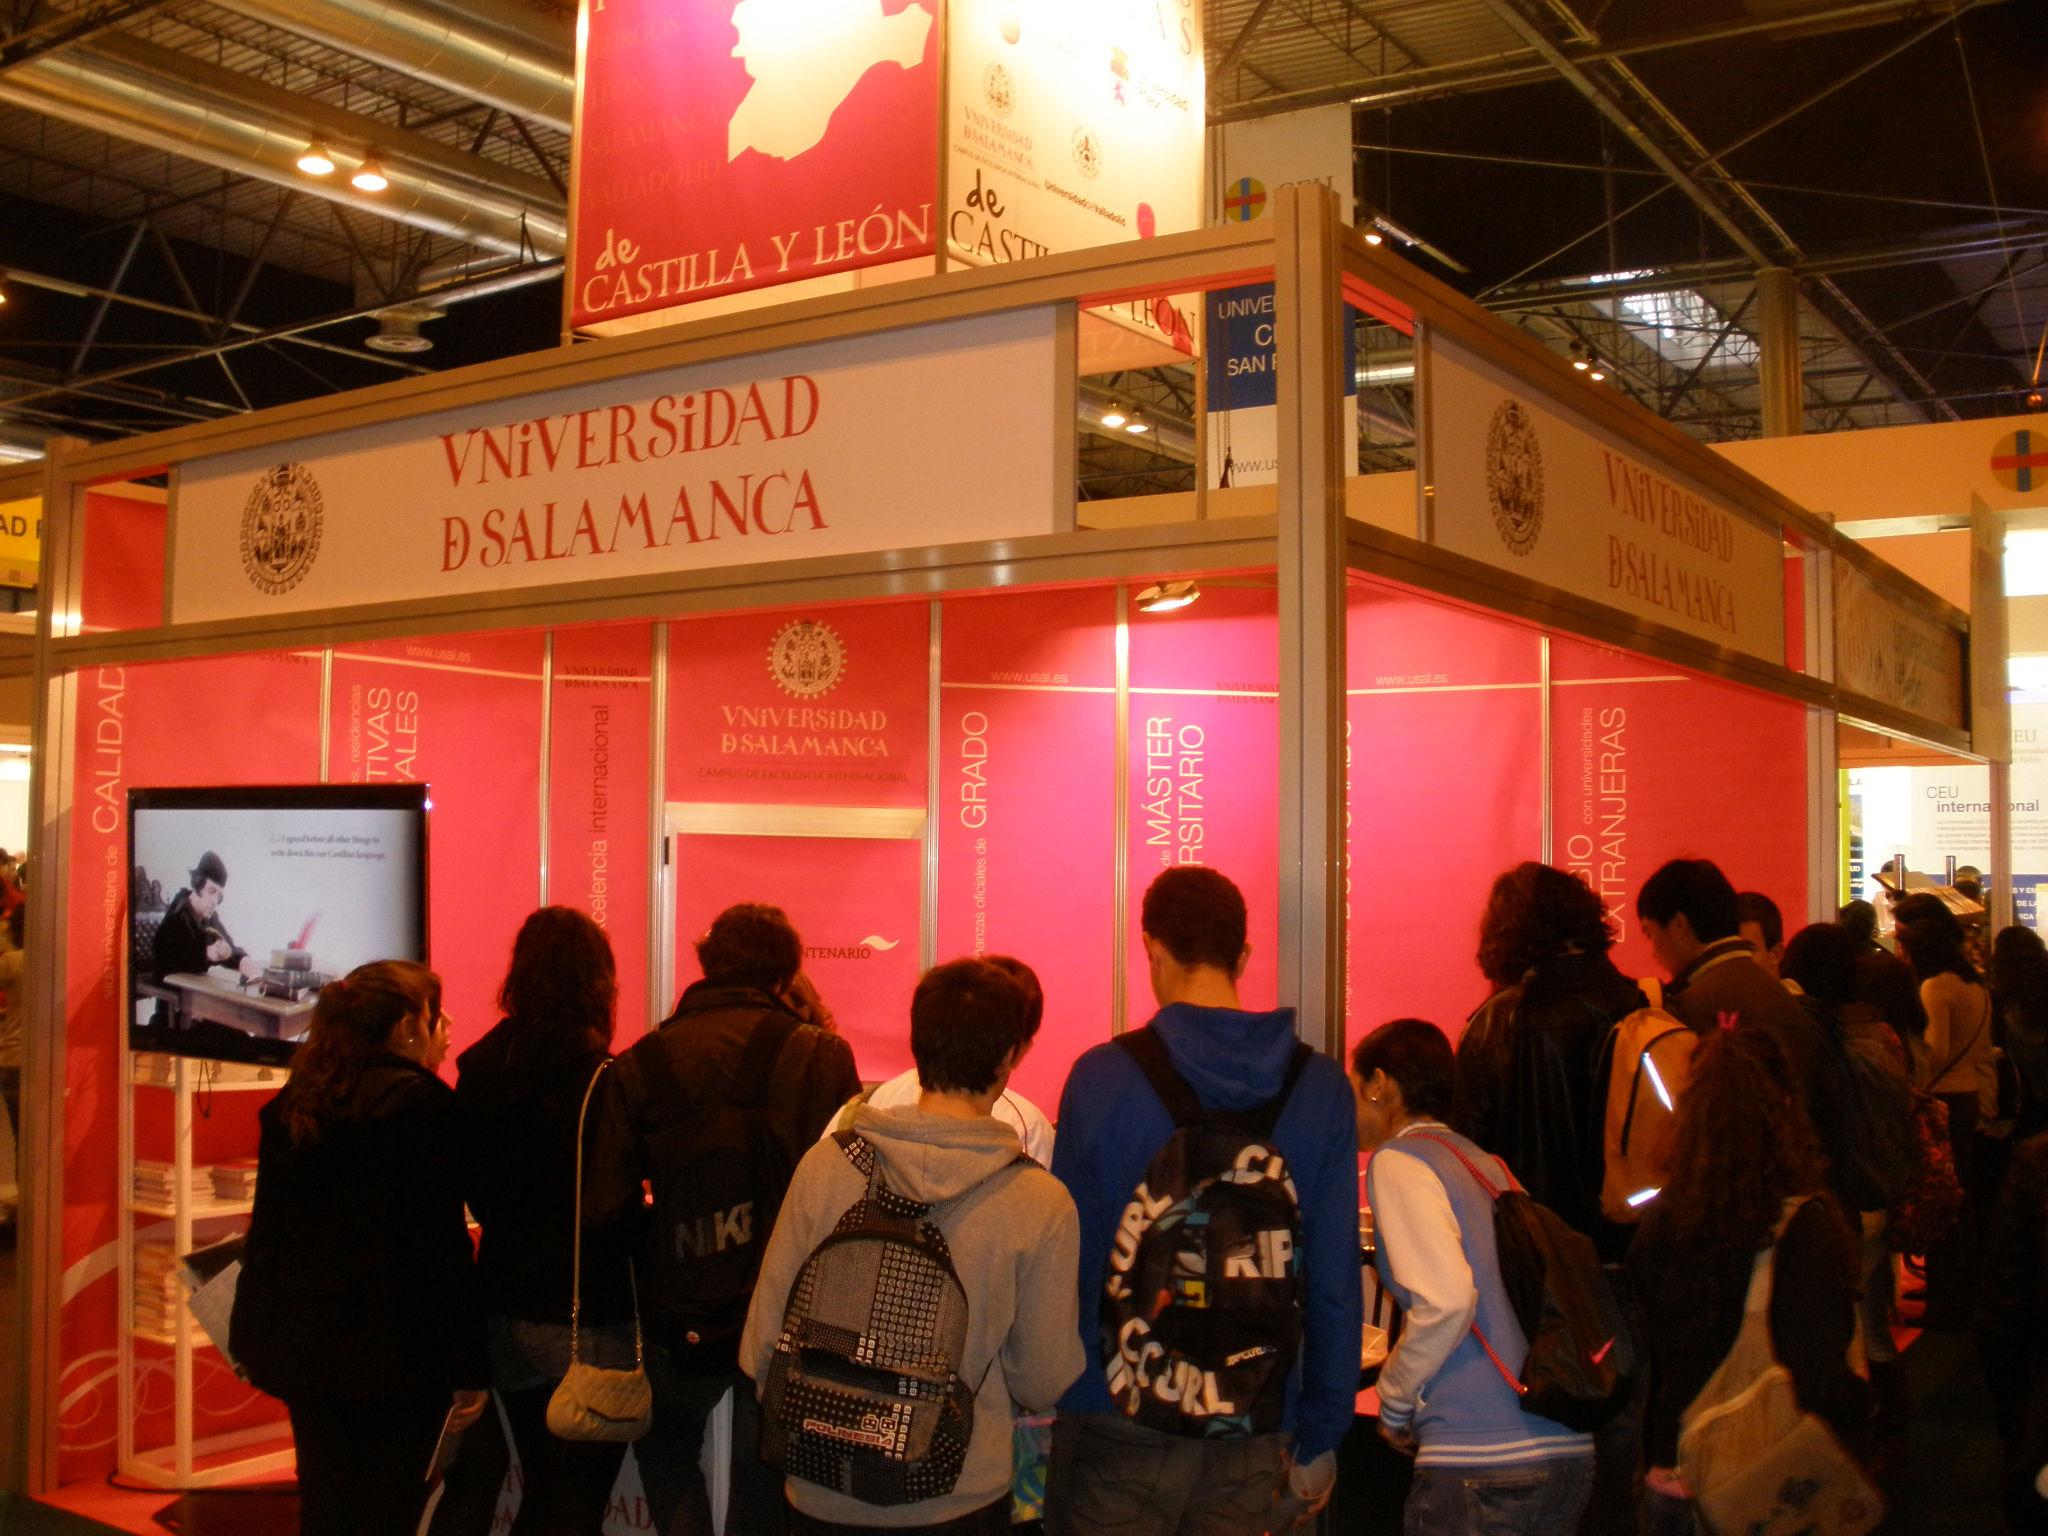 La Universidad de Salamanca da a conocer su oferta formativa en el Salón Internacional AULA